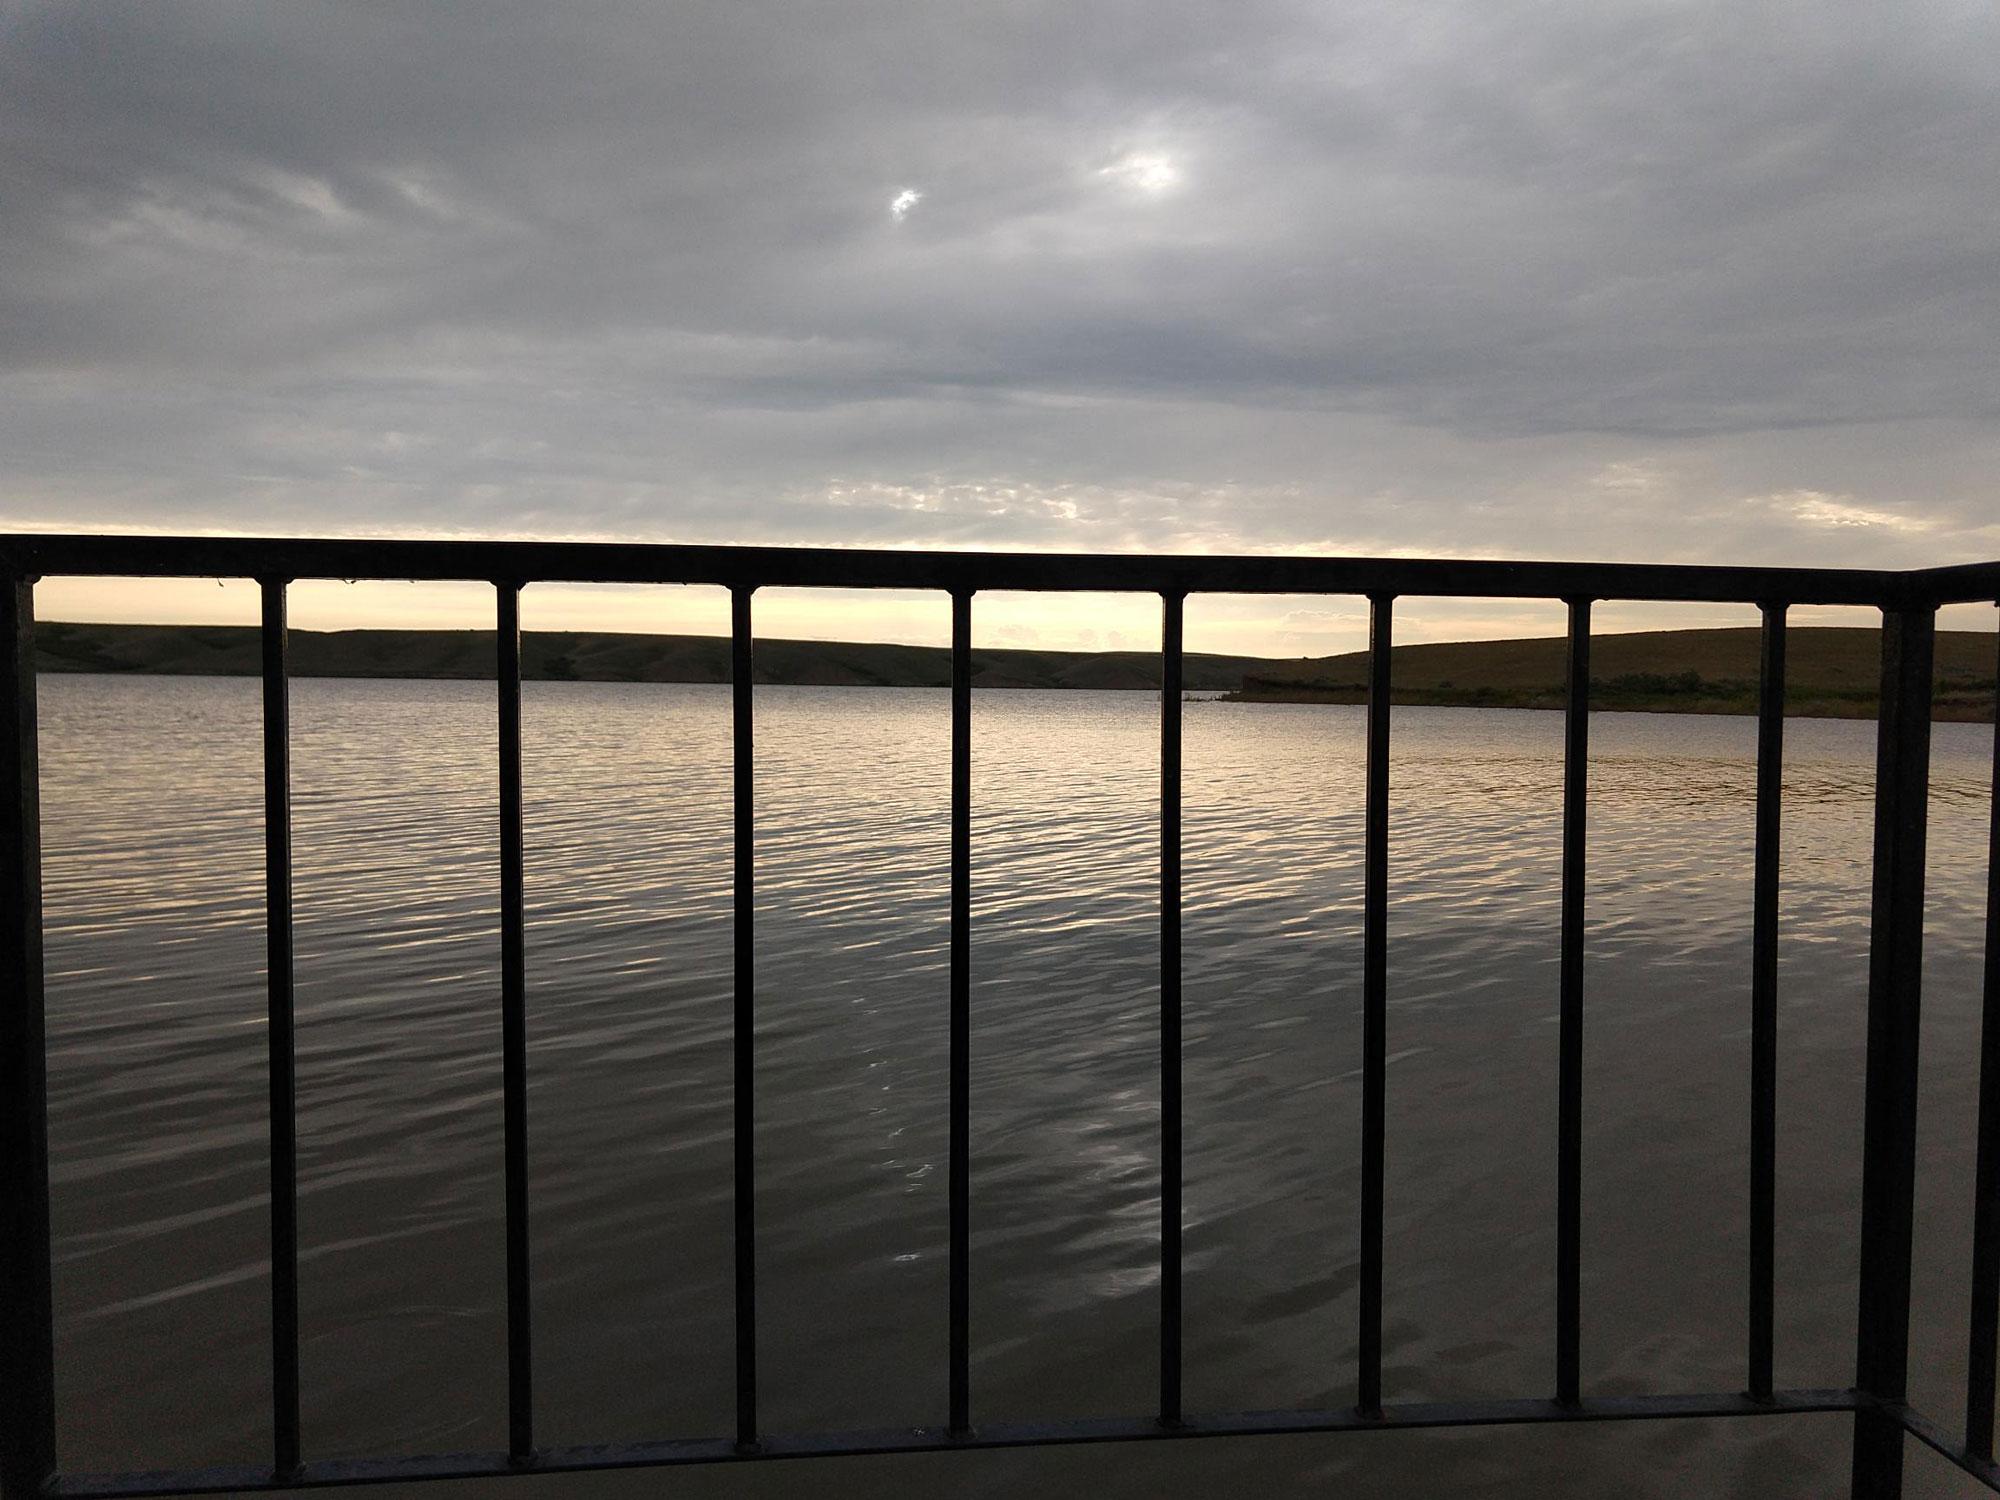 Blick über den See durch die Schiffsreling bei Sonnenuntergang